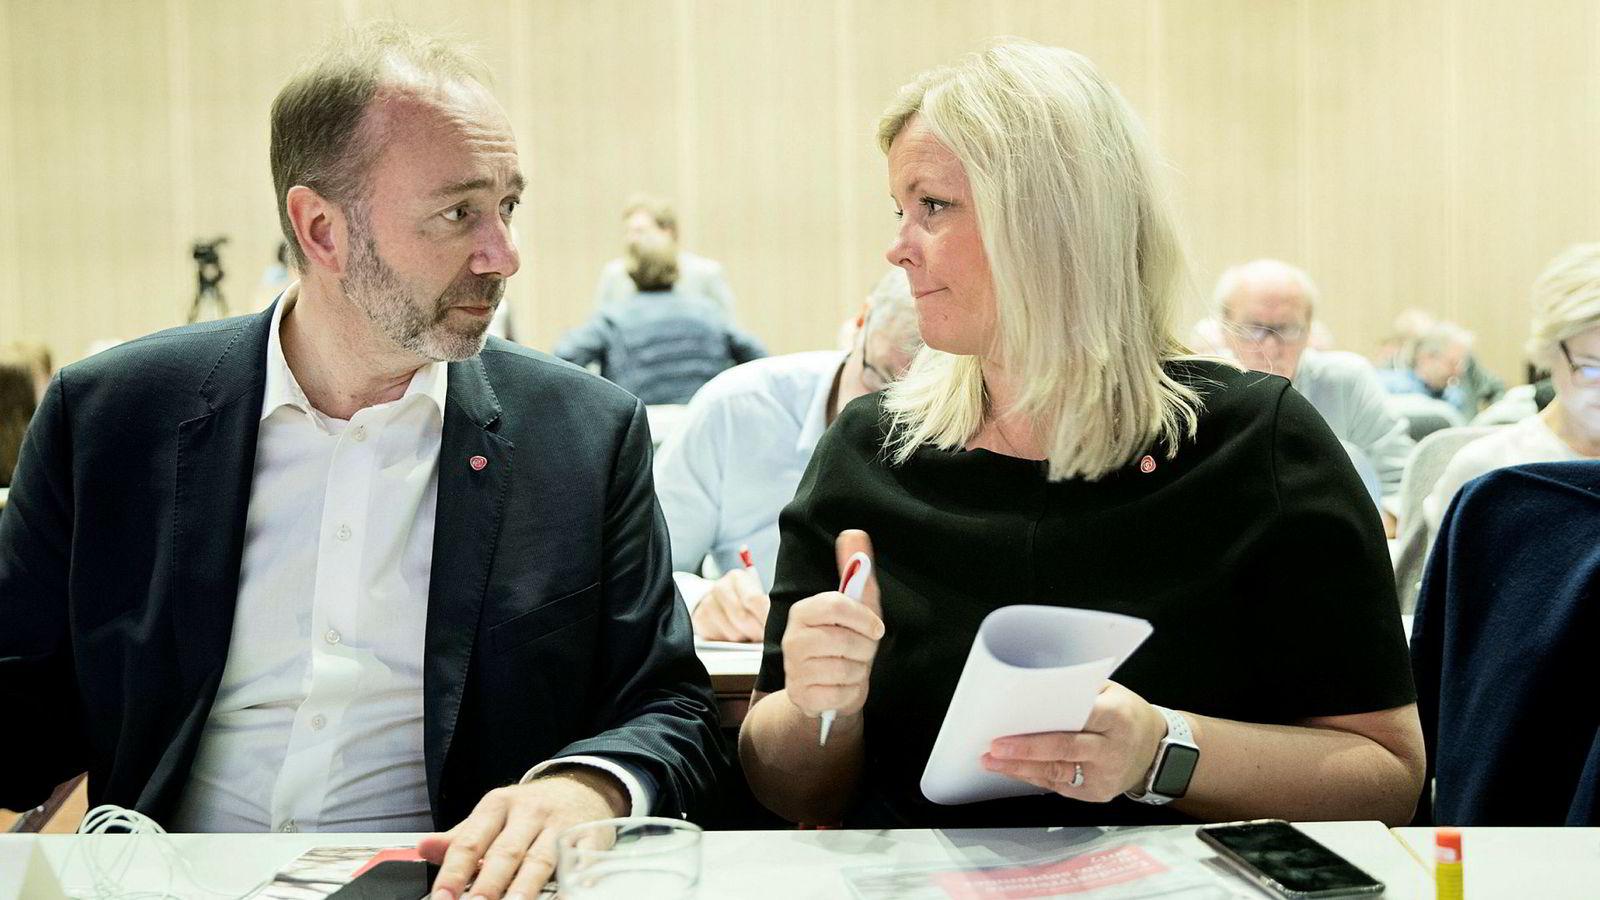 Partisekretær Stenseng opplyser at det per nå ikke er aktuelt med en Labour-modell. Her er hun med Giske i 2017.